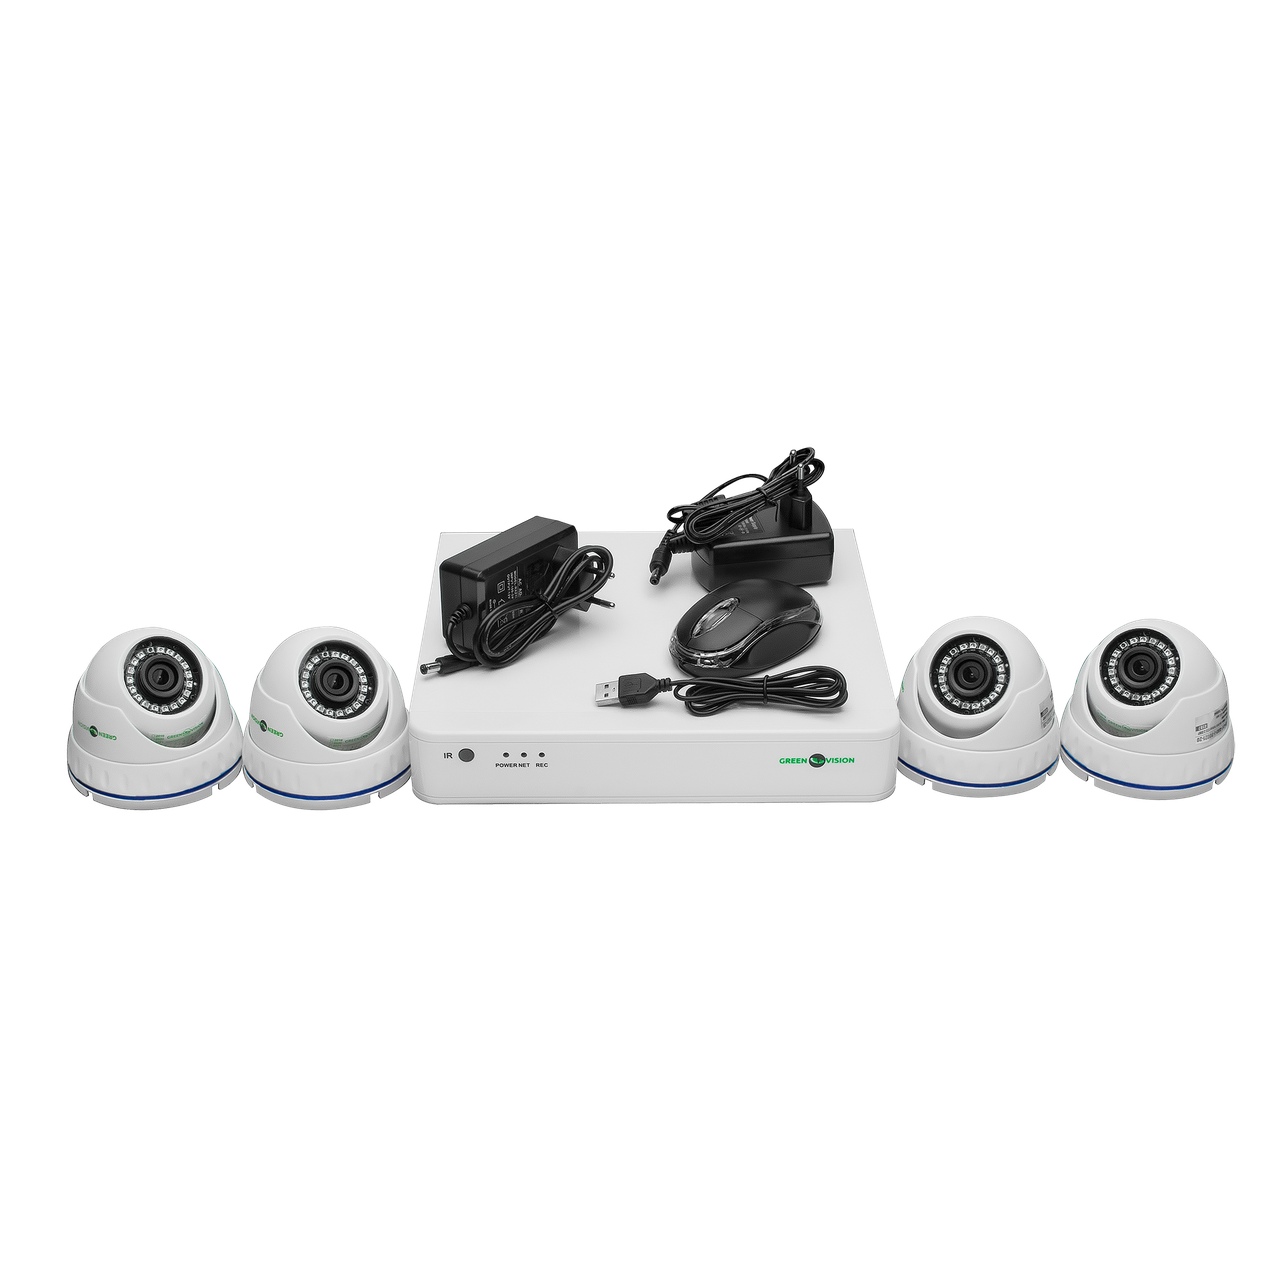 Комплект видеонаблюдения Green VisionGV-K-S16/04 1080P